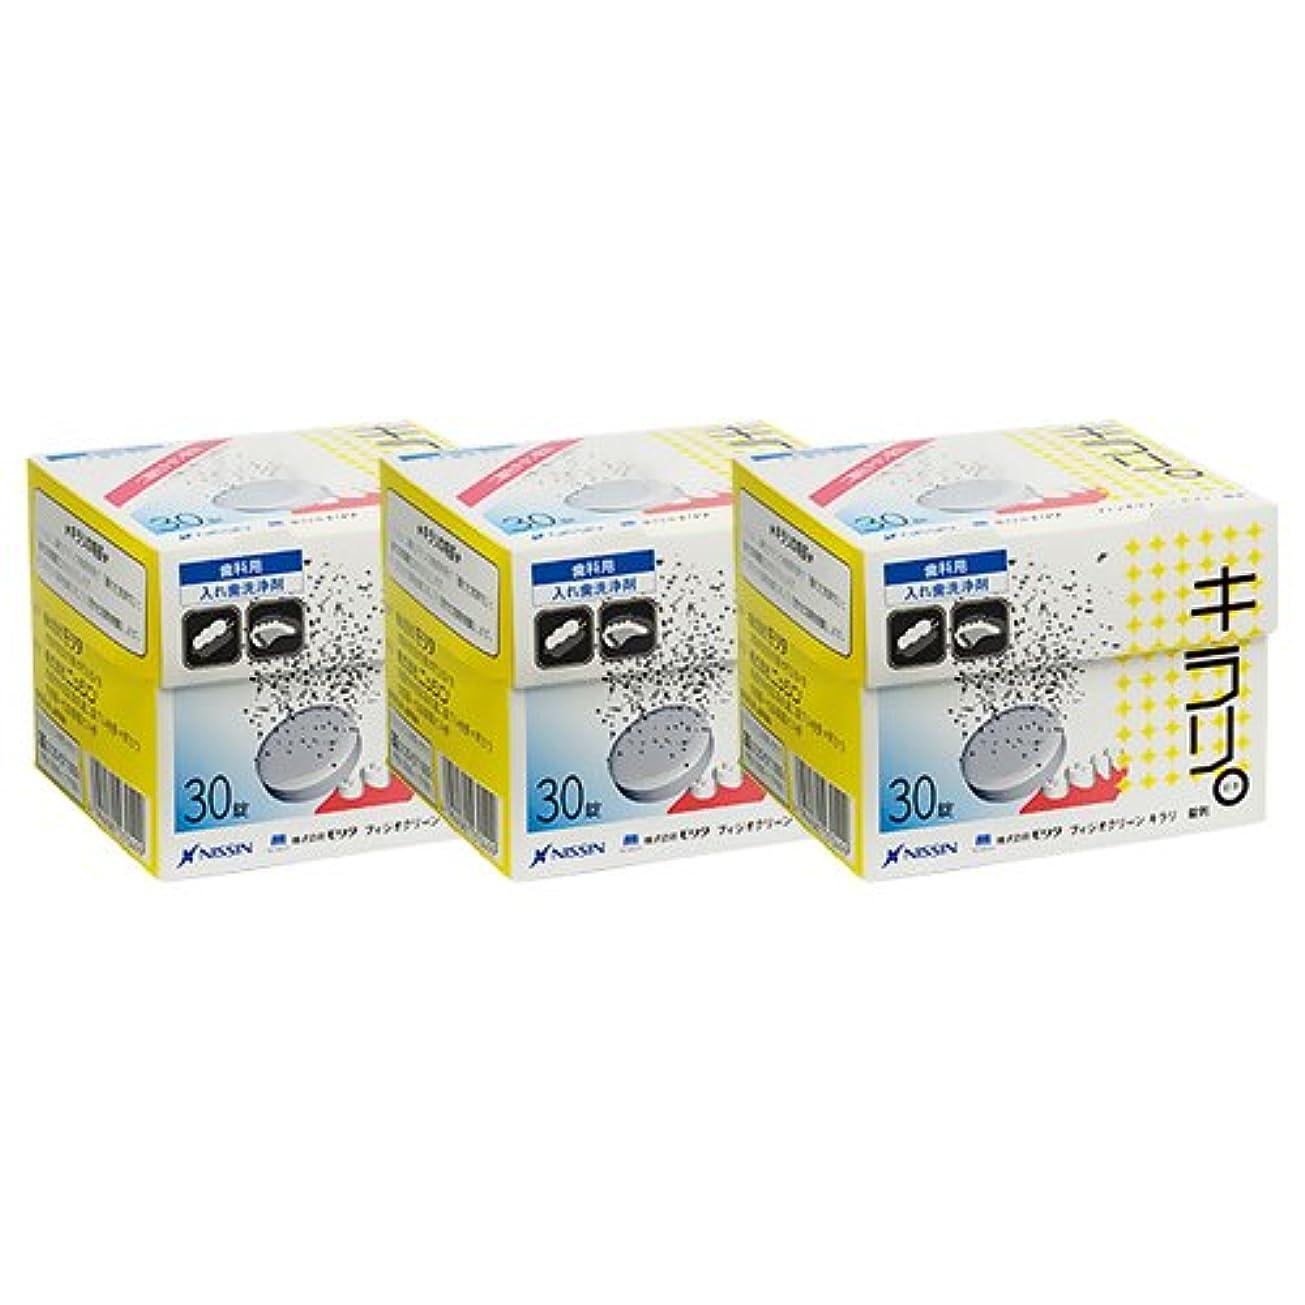 居住者変化する彫るフィジオクリーン キラリ錠剤 (3箱)